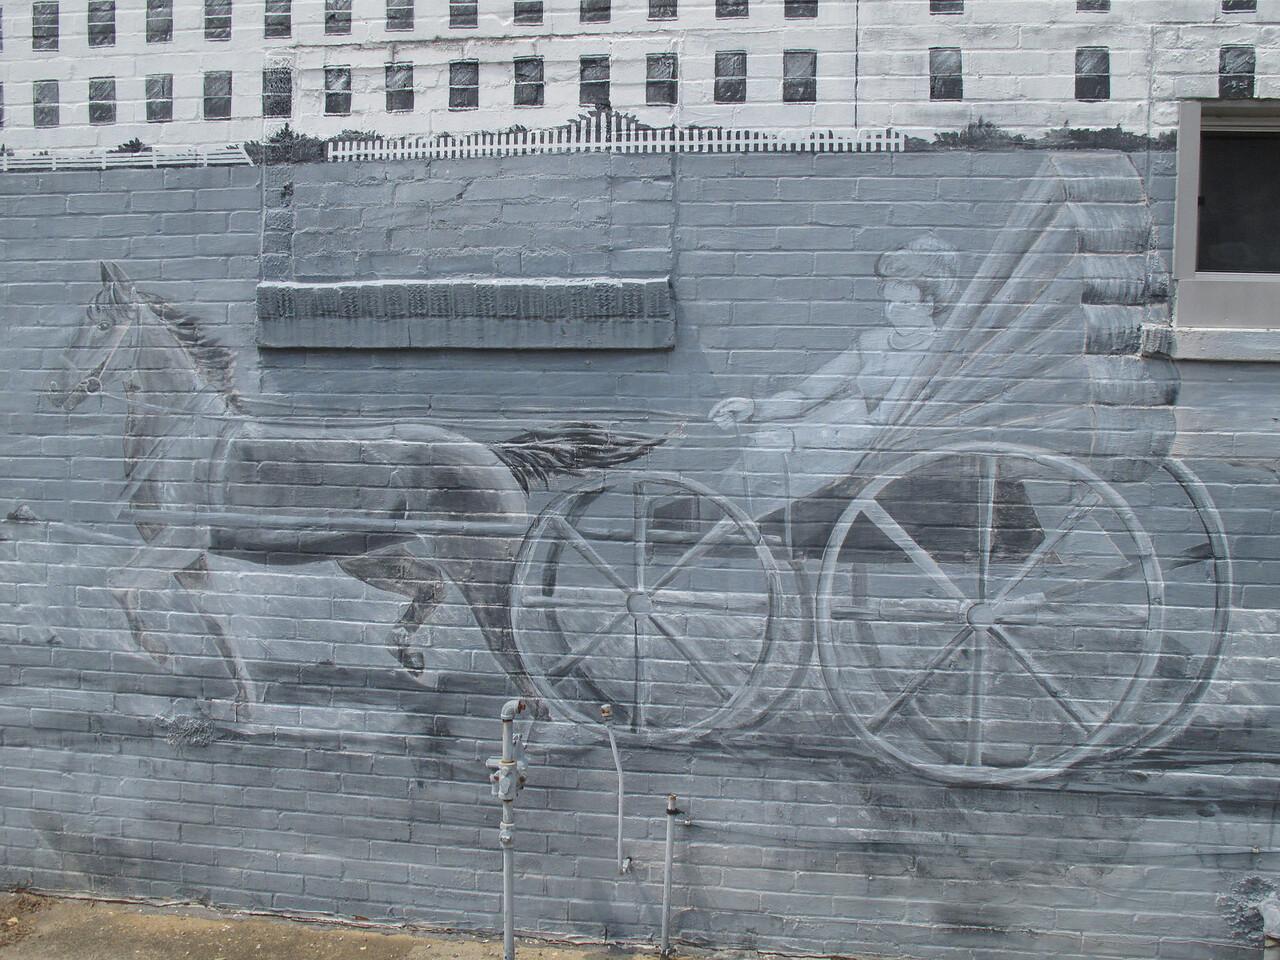 Wall mural in Prattville, Ala.